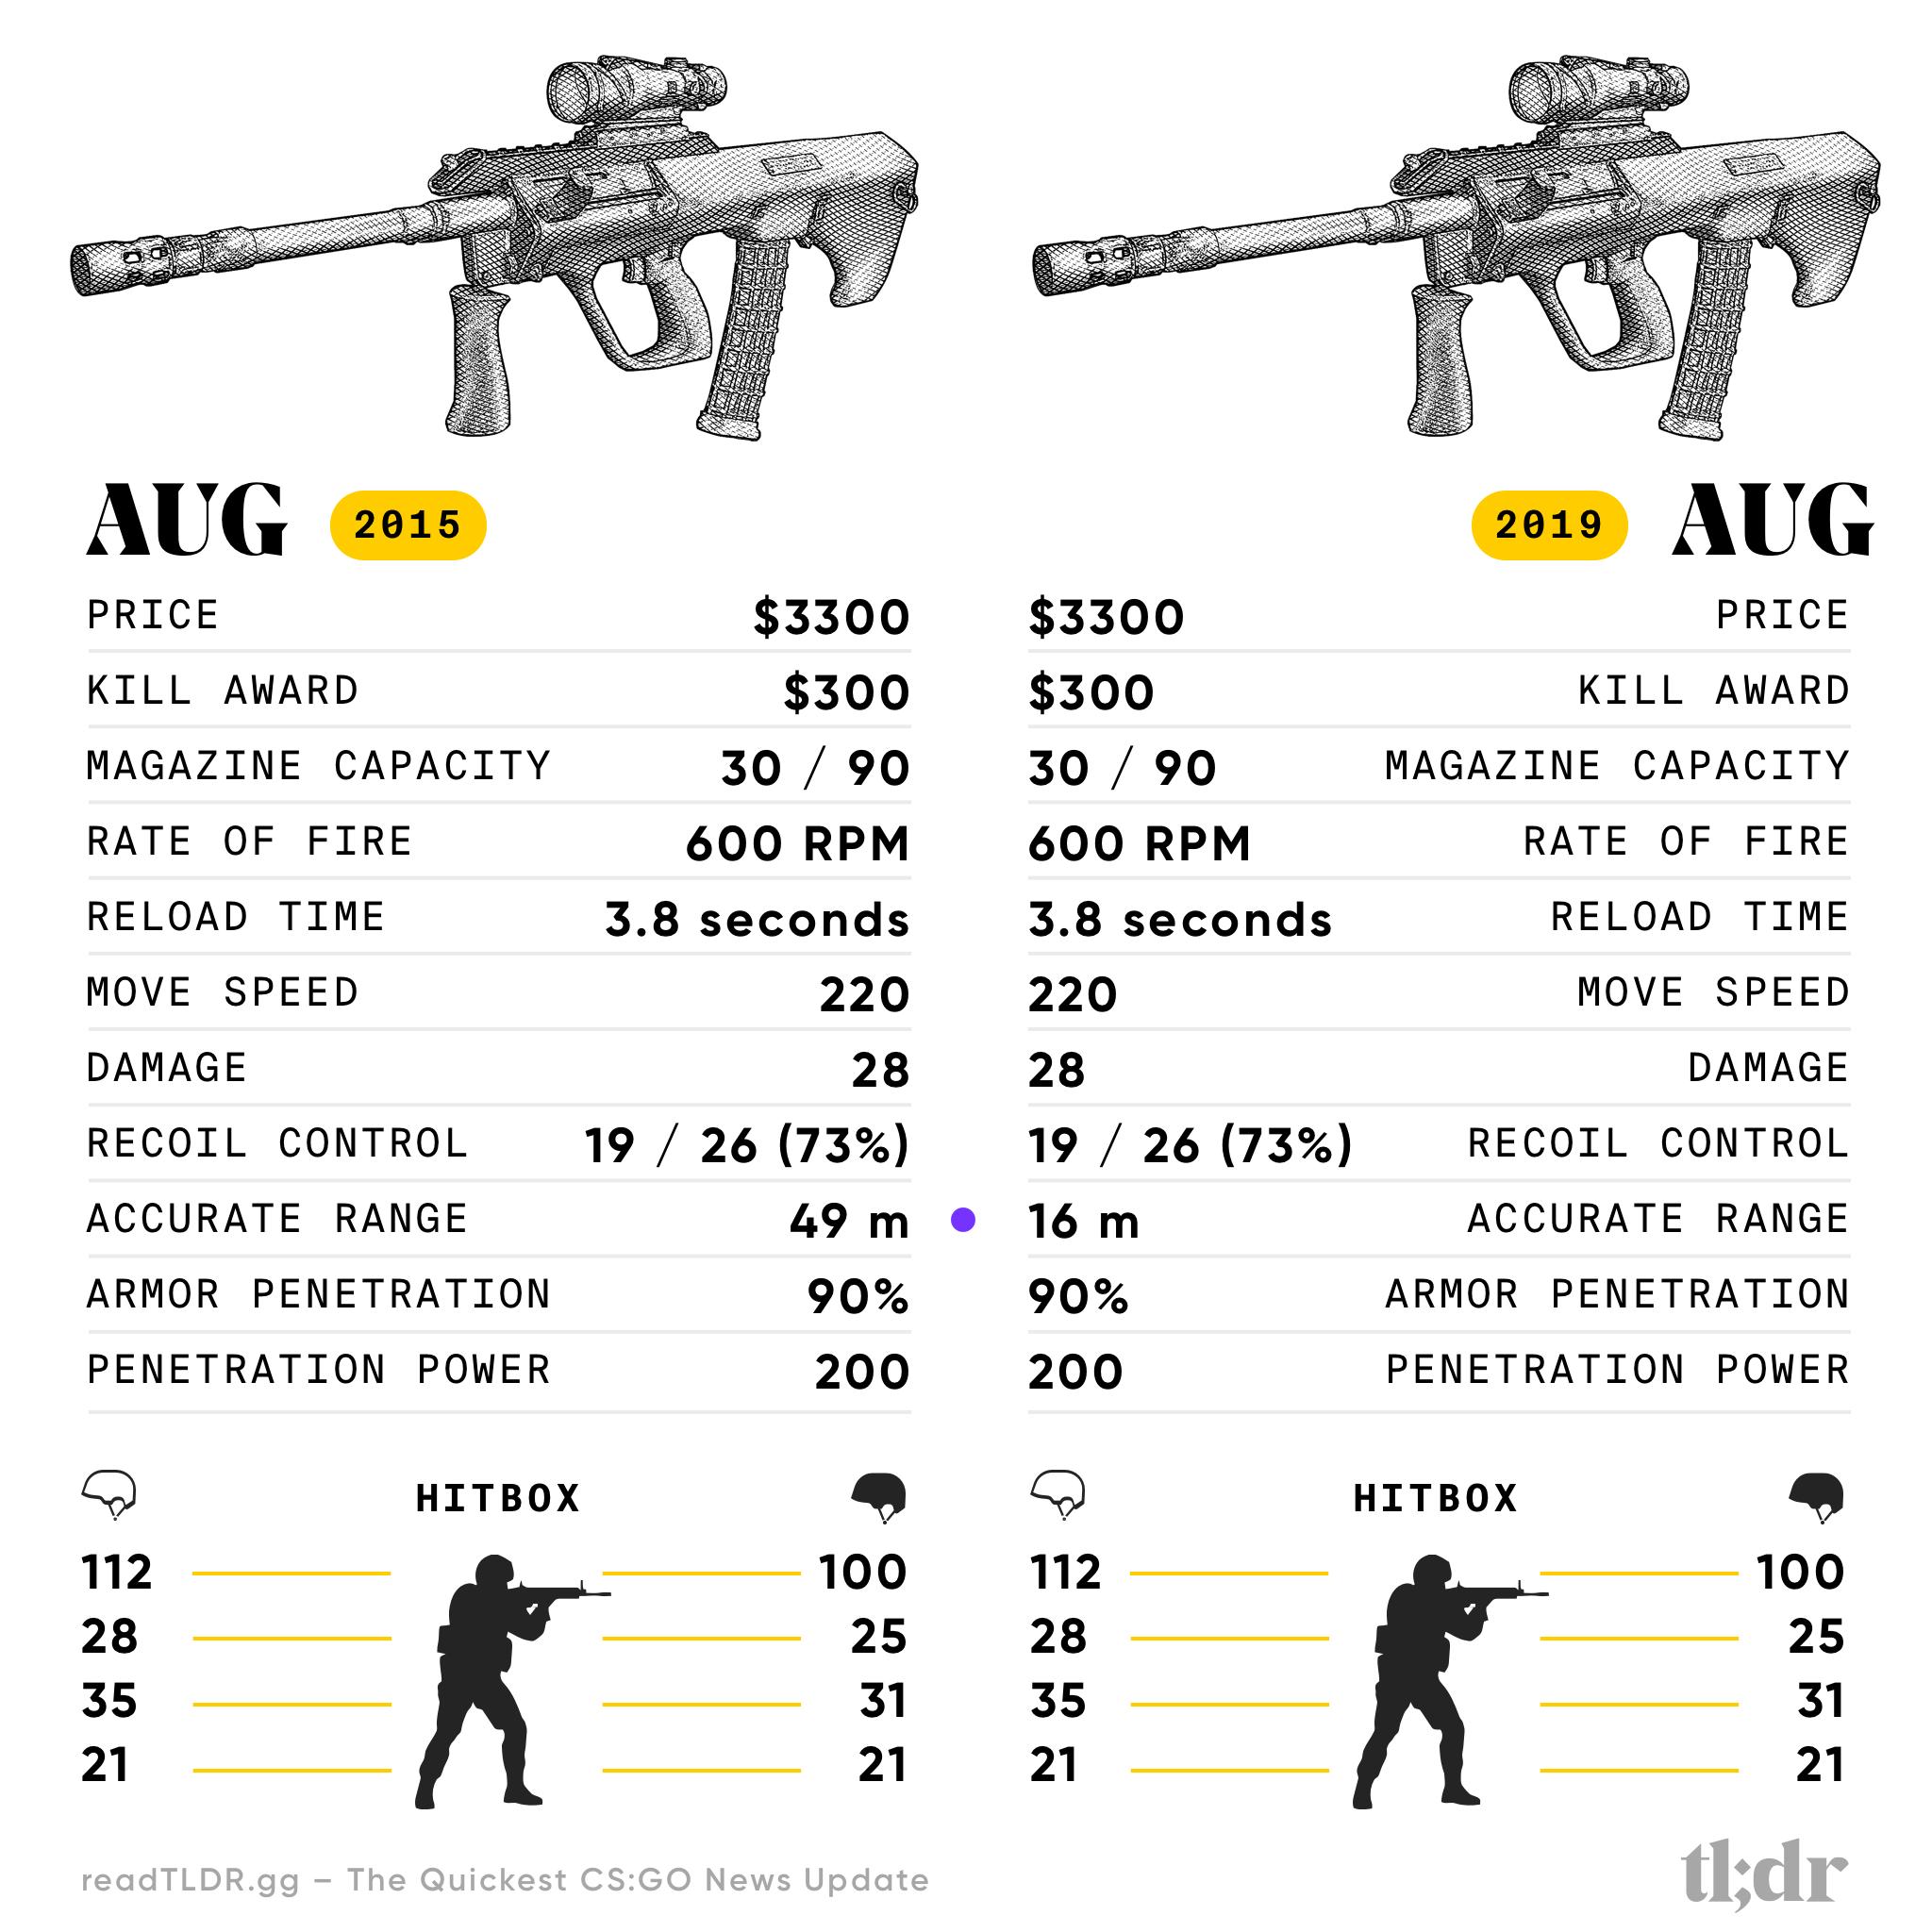 Counter-Strike AUG 2015 vs 2019 Specification Comparison